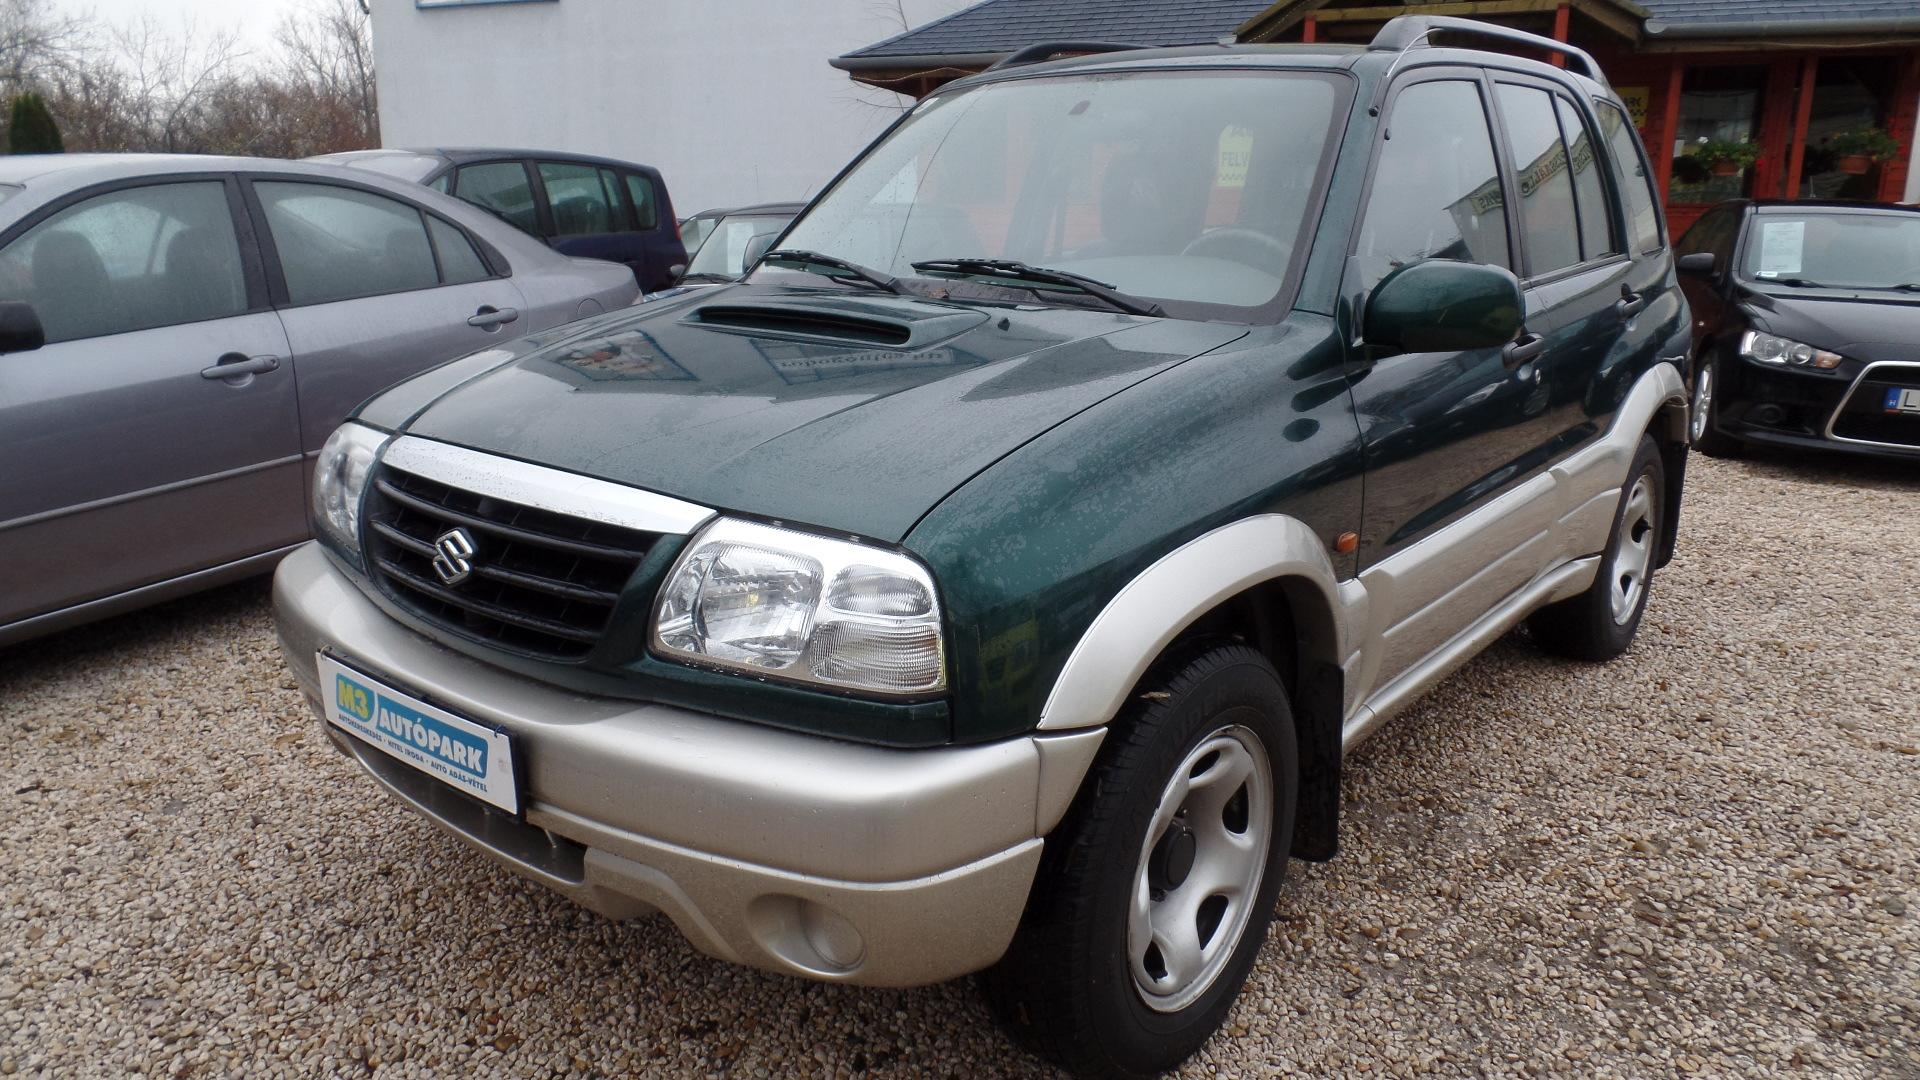 Suzuki Grand Vitara on 2003 Suzuki Grand Vitara